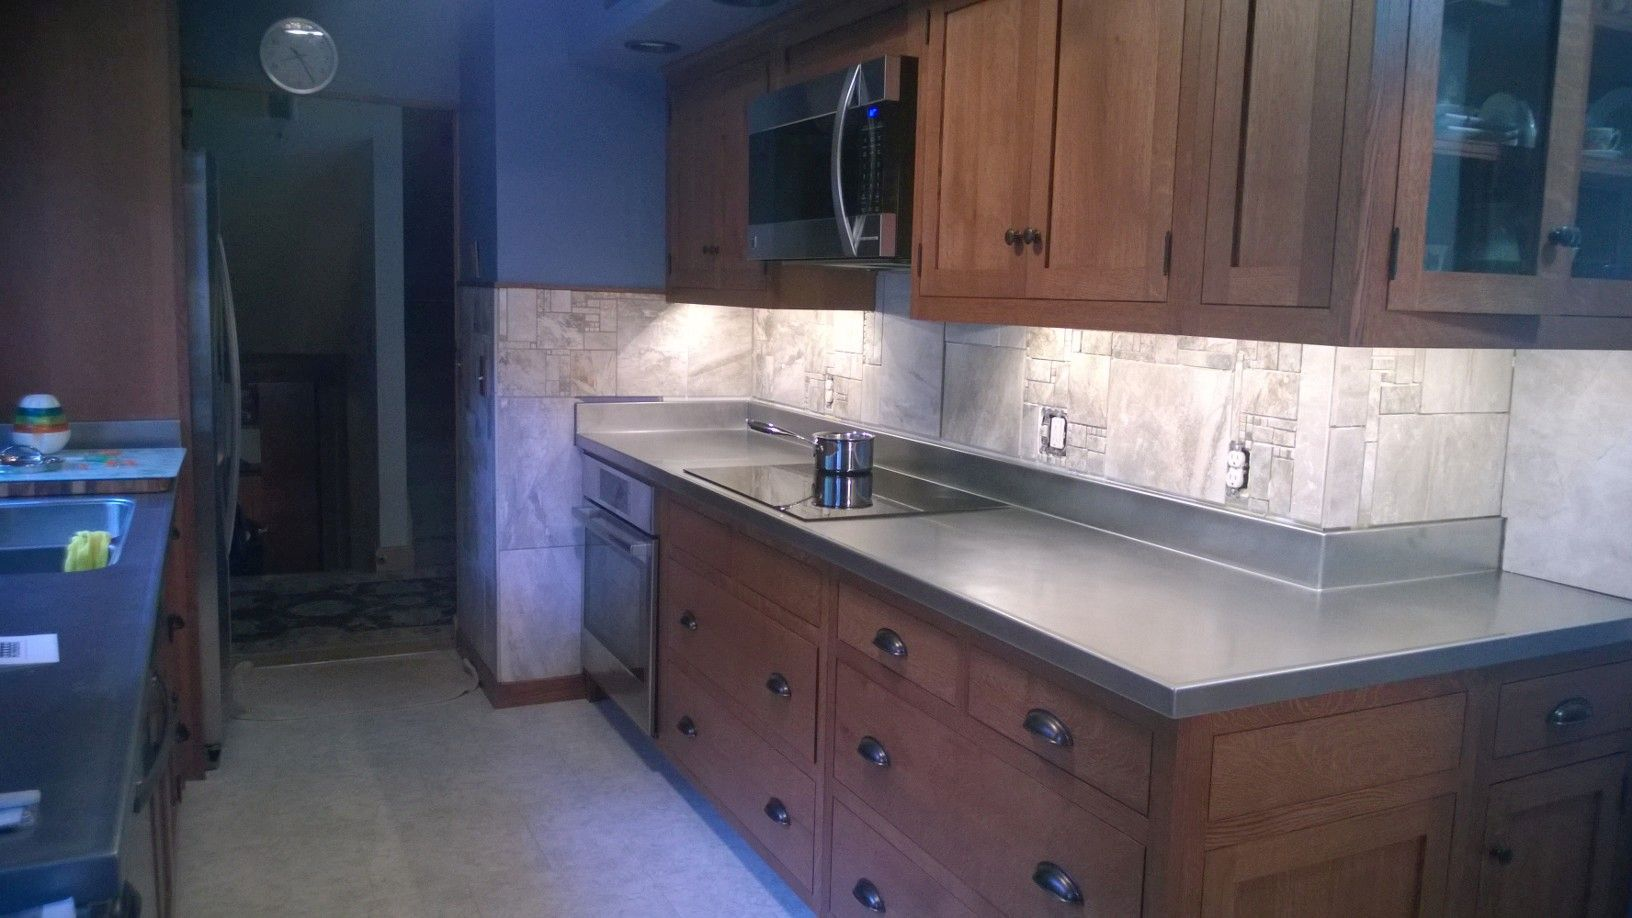 - Custom Stainless Steel Countertops Frigo Design